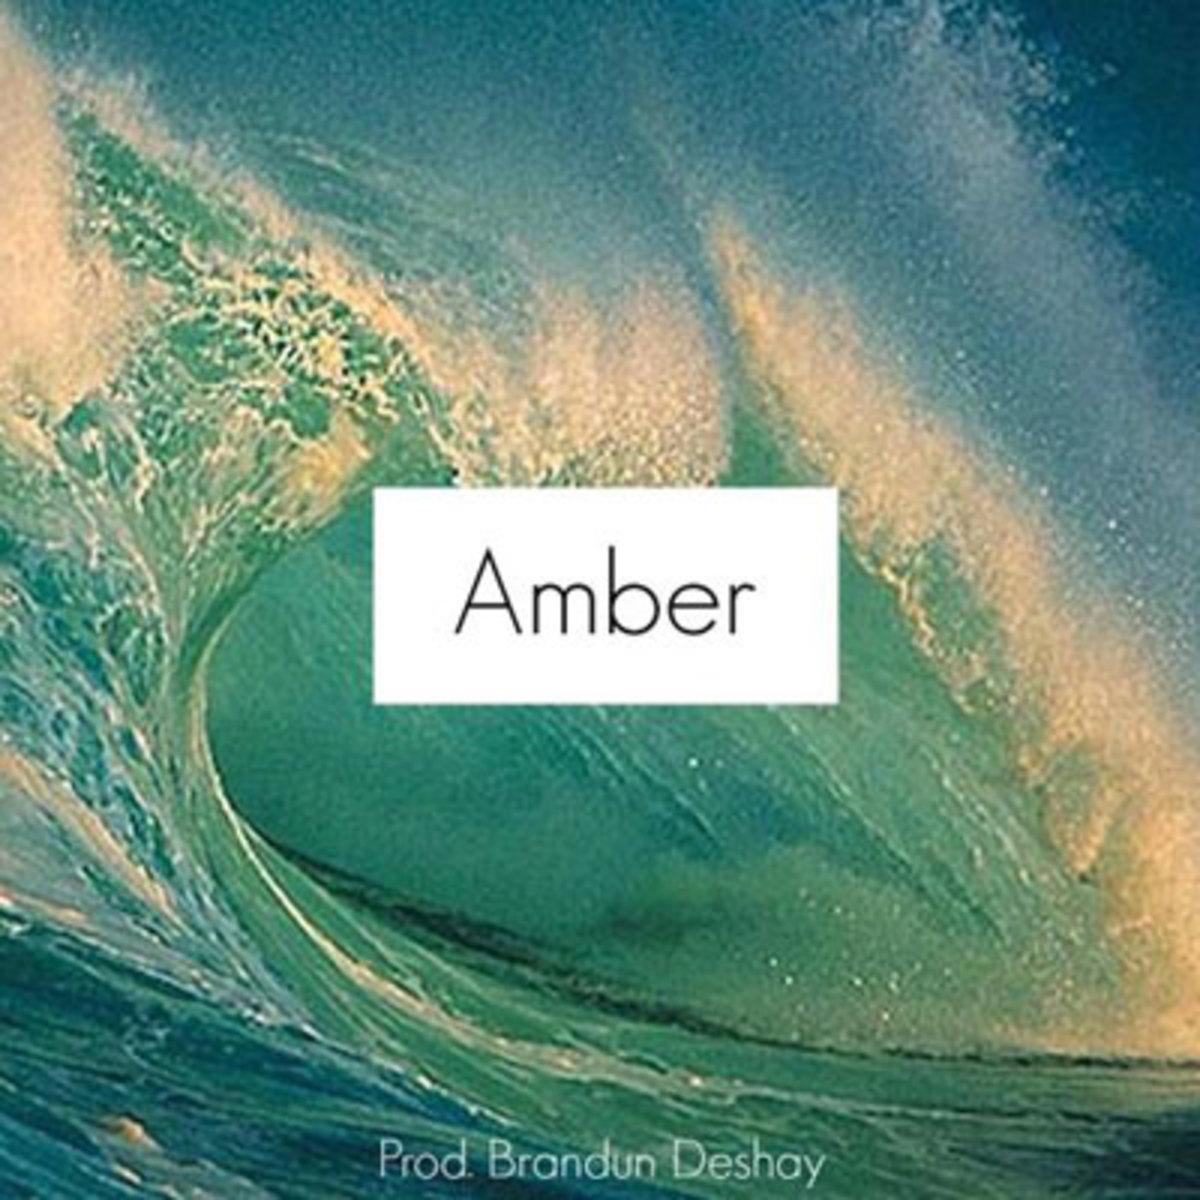 cammeekins-amber.jpg